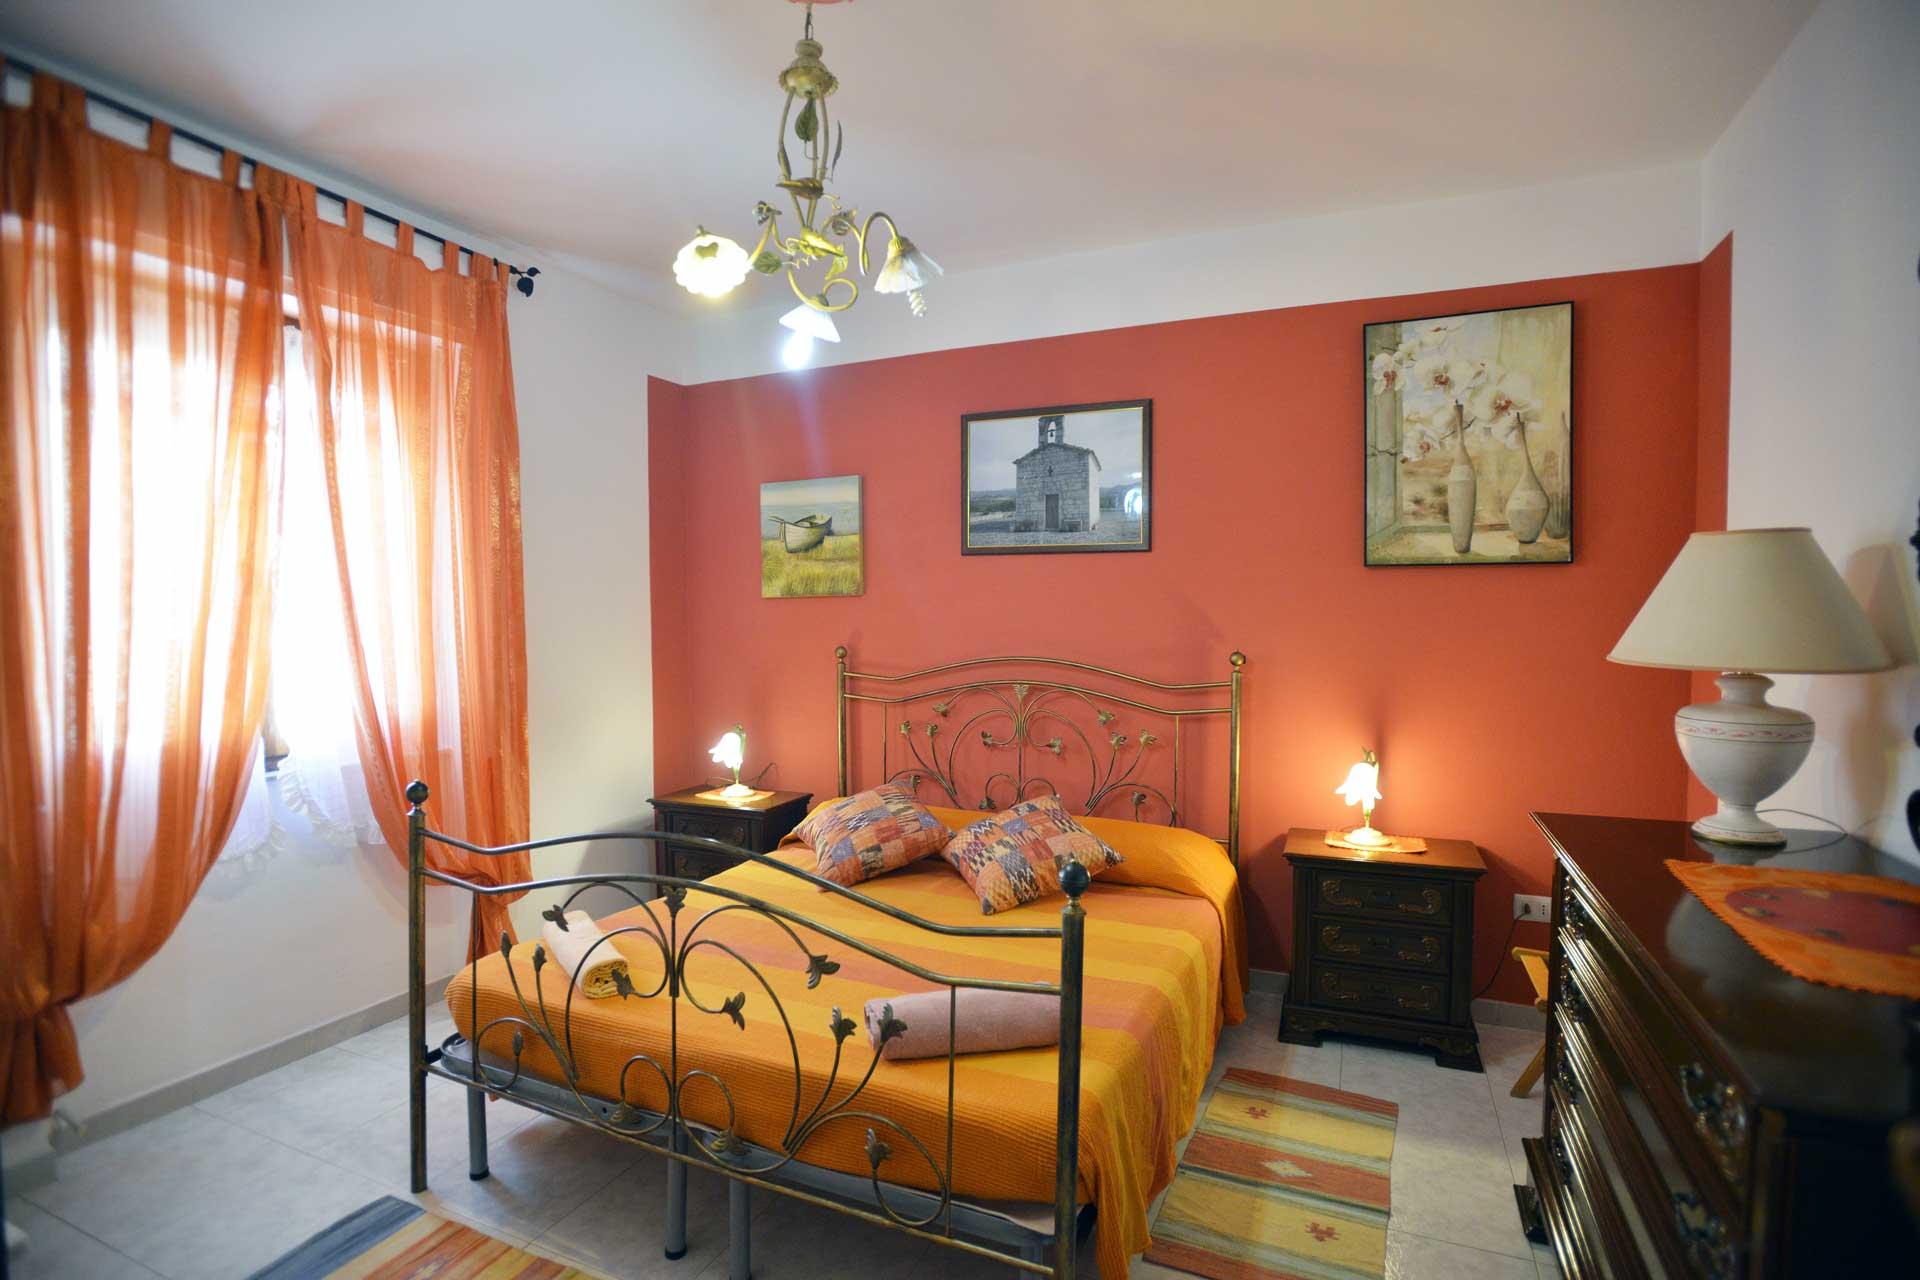 Chambre Porto Ferro Alghero Affittacamere Appartamenti B B  # Table Tele Taille Haute Moderne Chambre